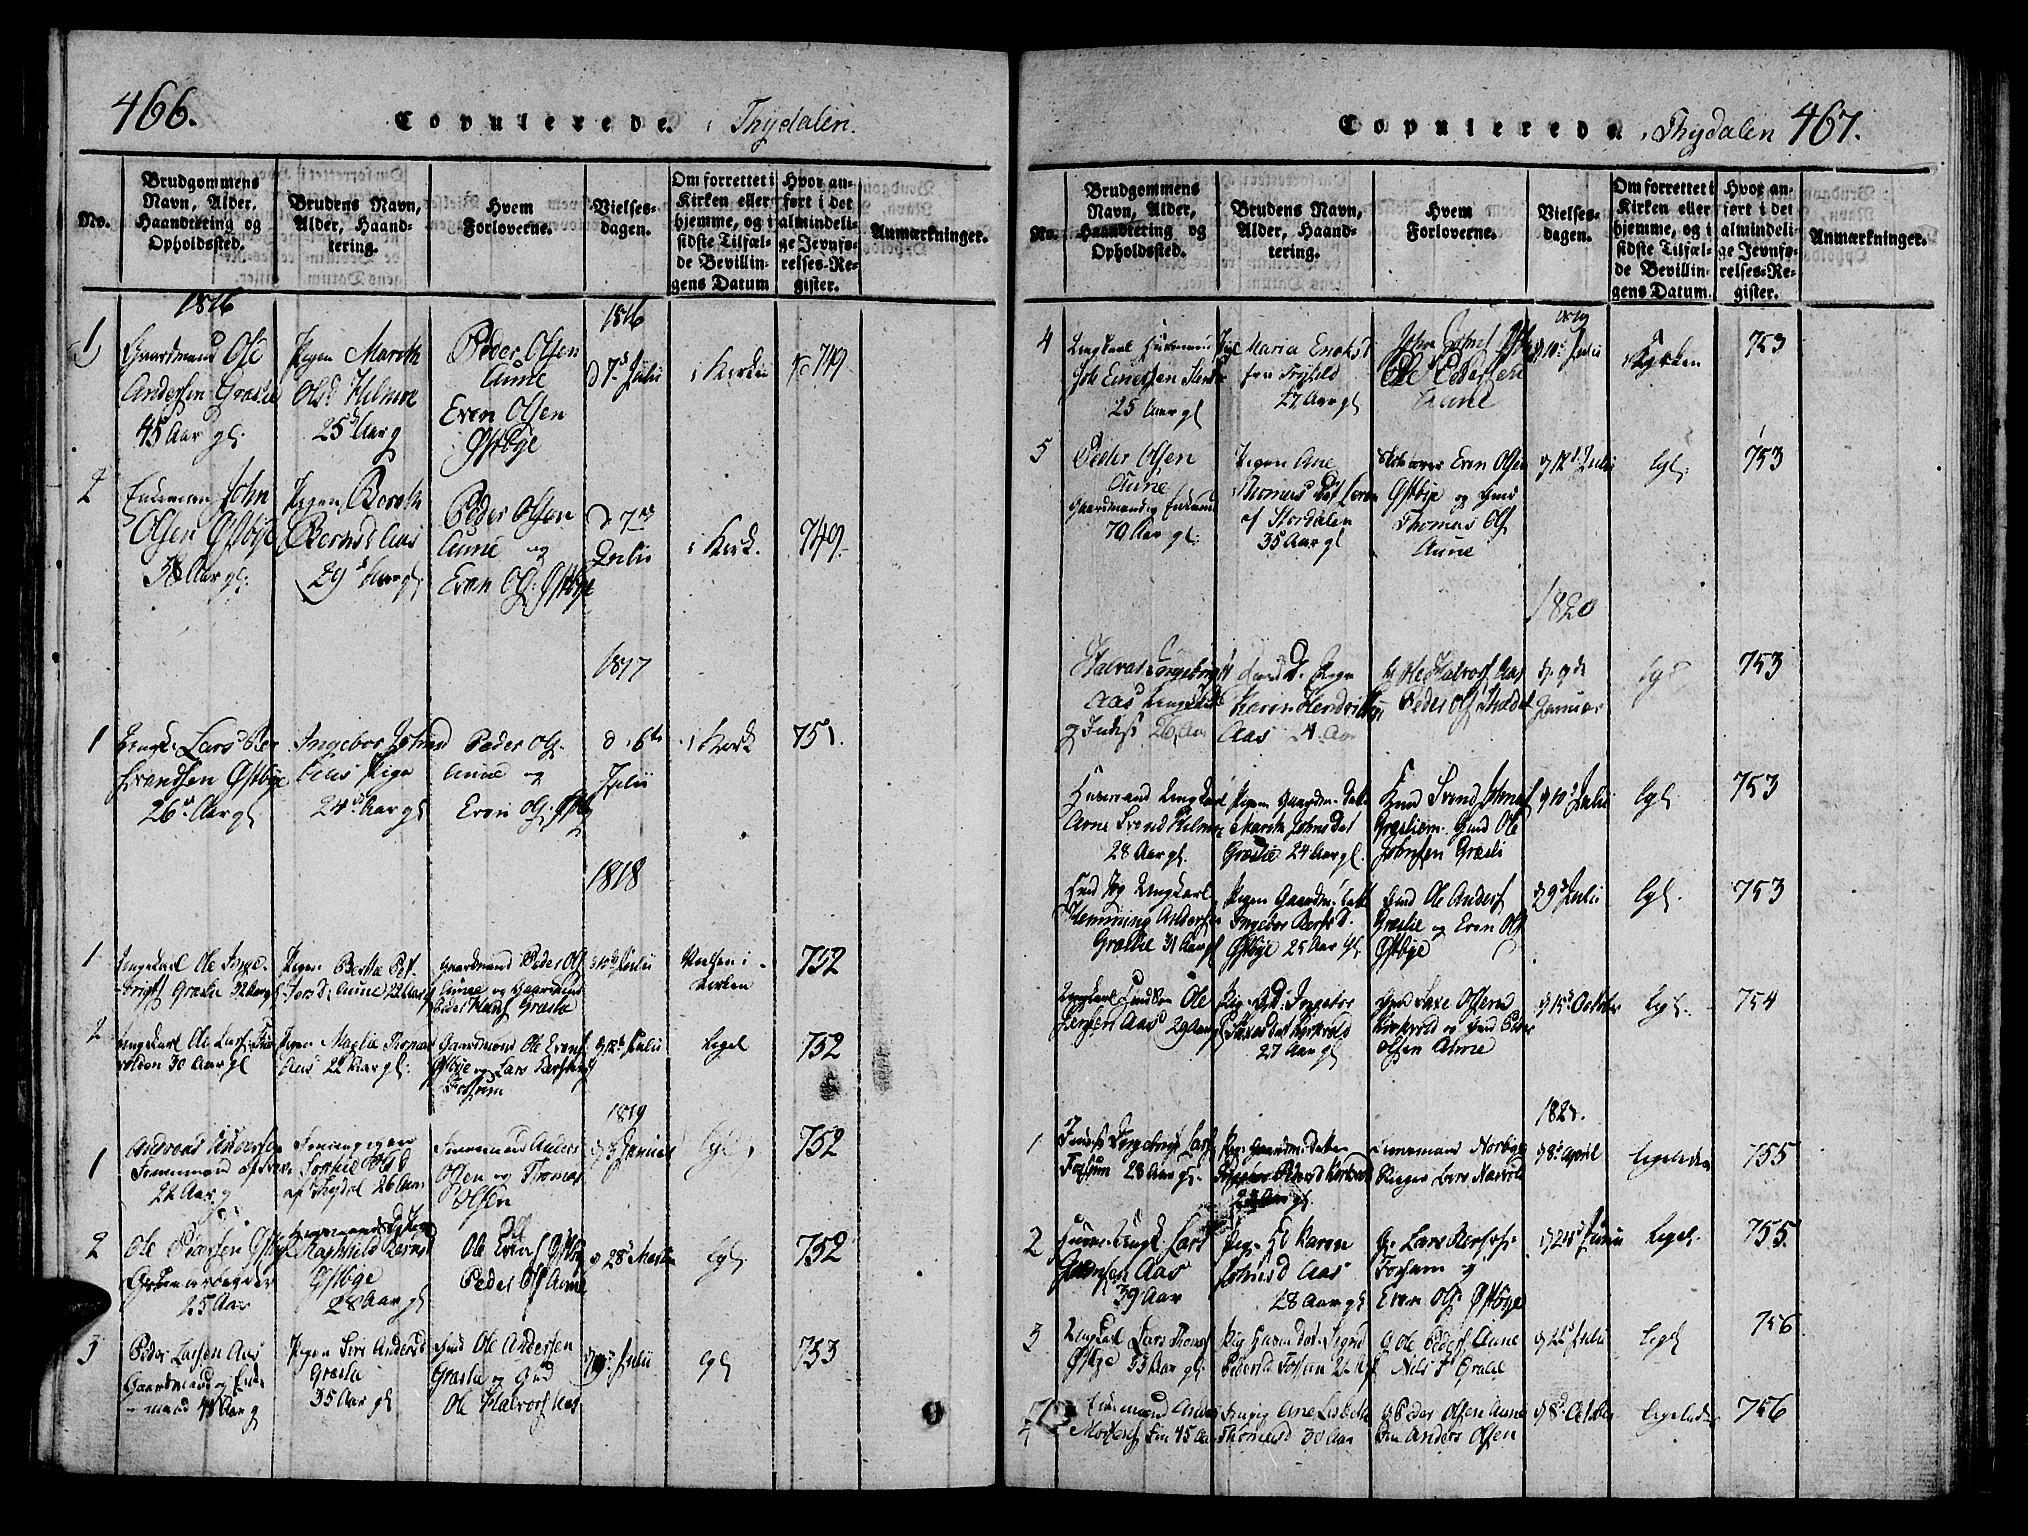 SAT, Ministerialprotokoller, klokkerbøker og fødselsregistre - Sør-Trøndelag, 695/L1142: Ministerialbok nr. 695A04 /2, 1816-1824, s. 466-467